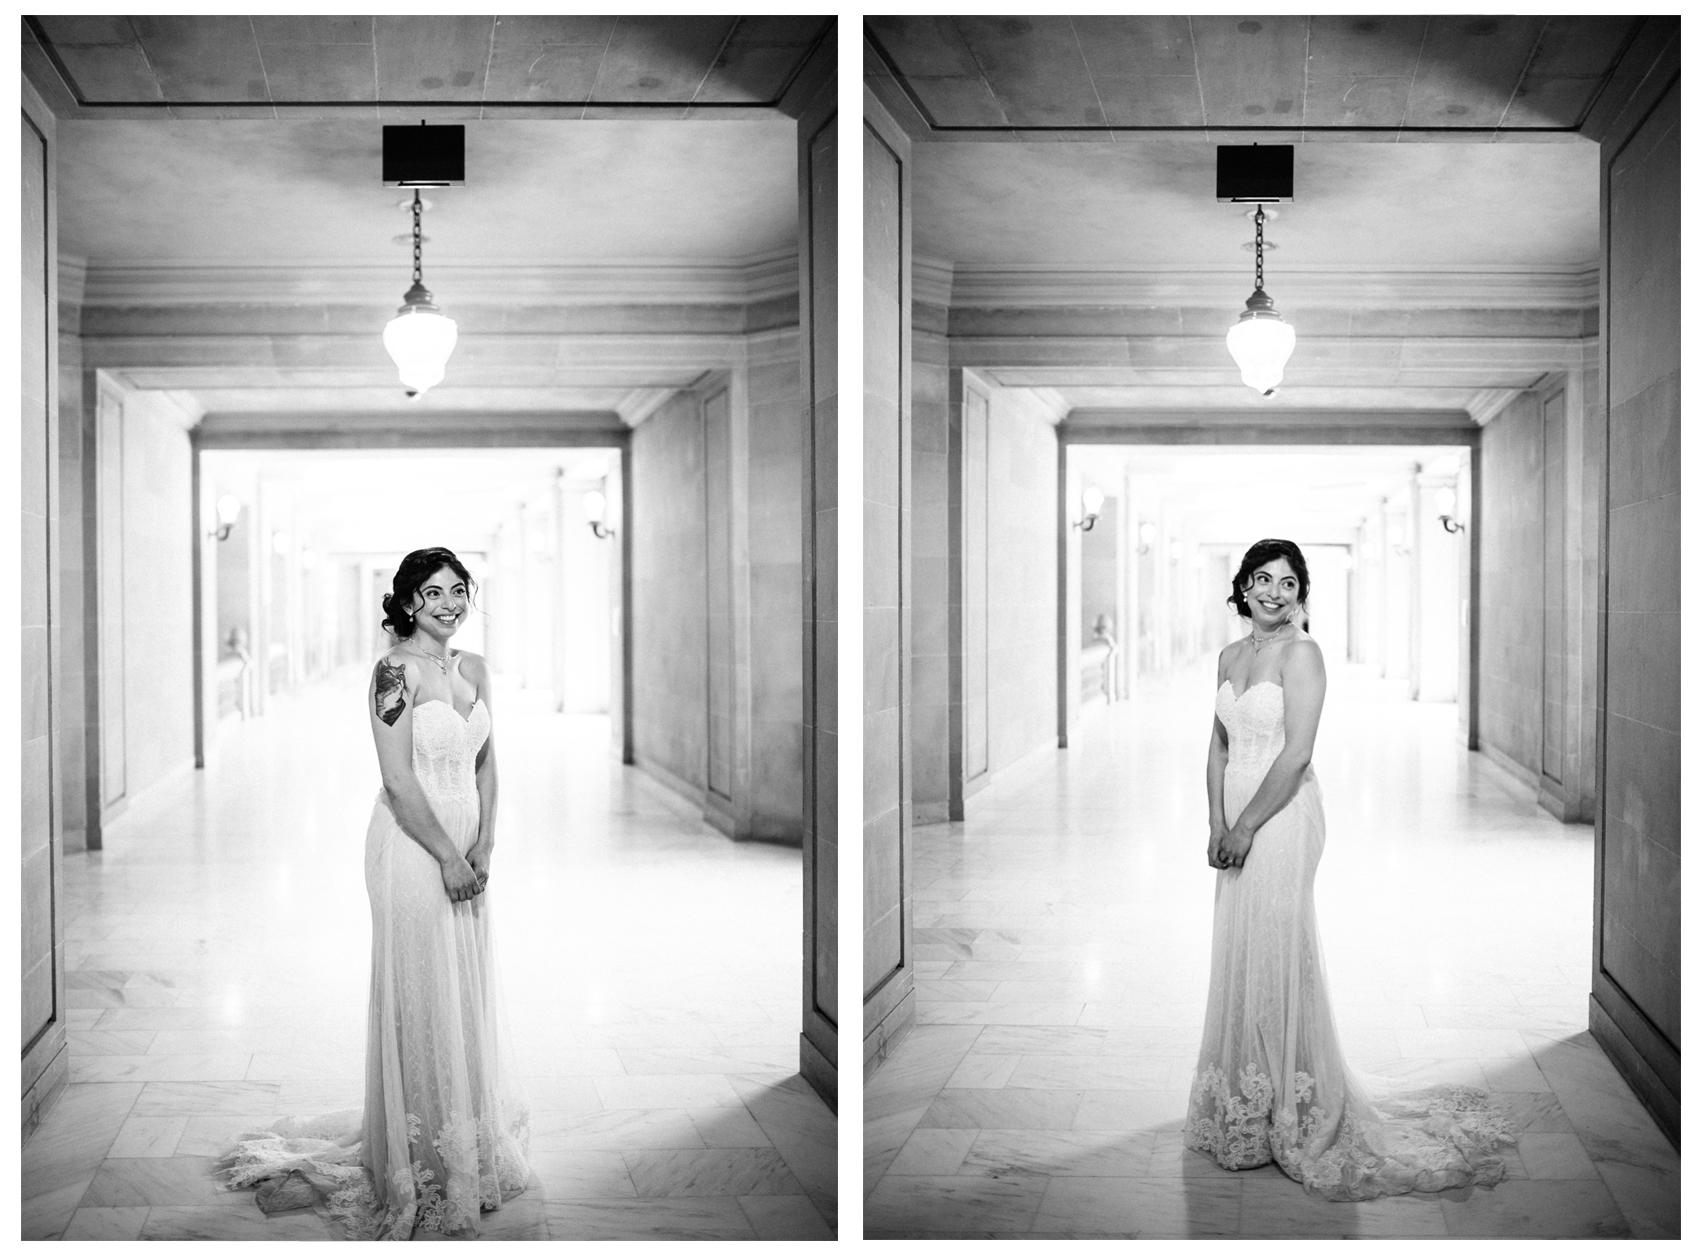 Anthropologie BHLDN Lorena Wedding Gown Real Bride Portrait